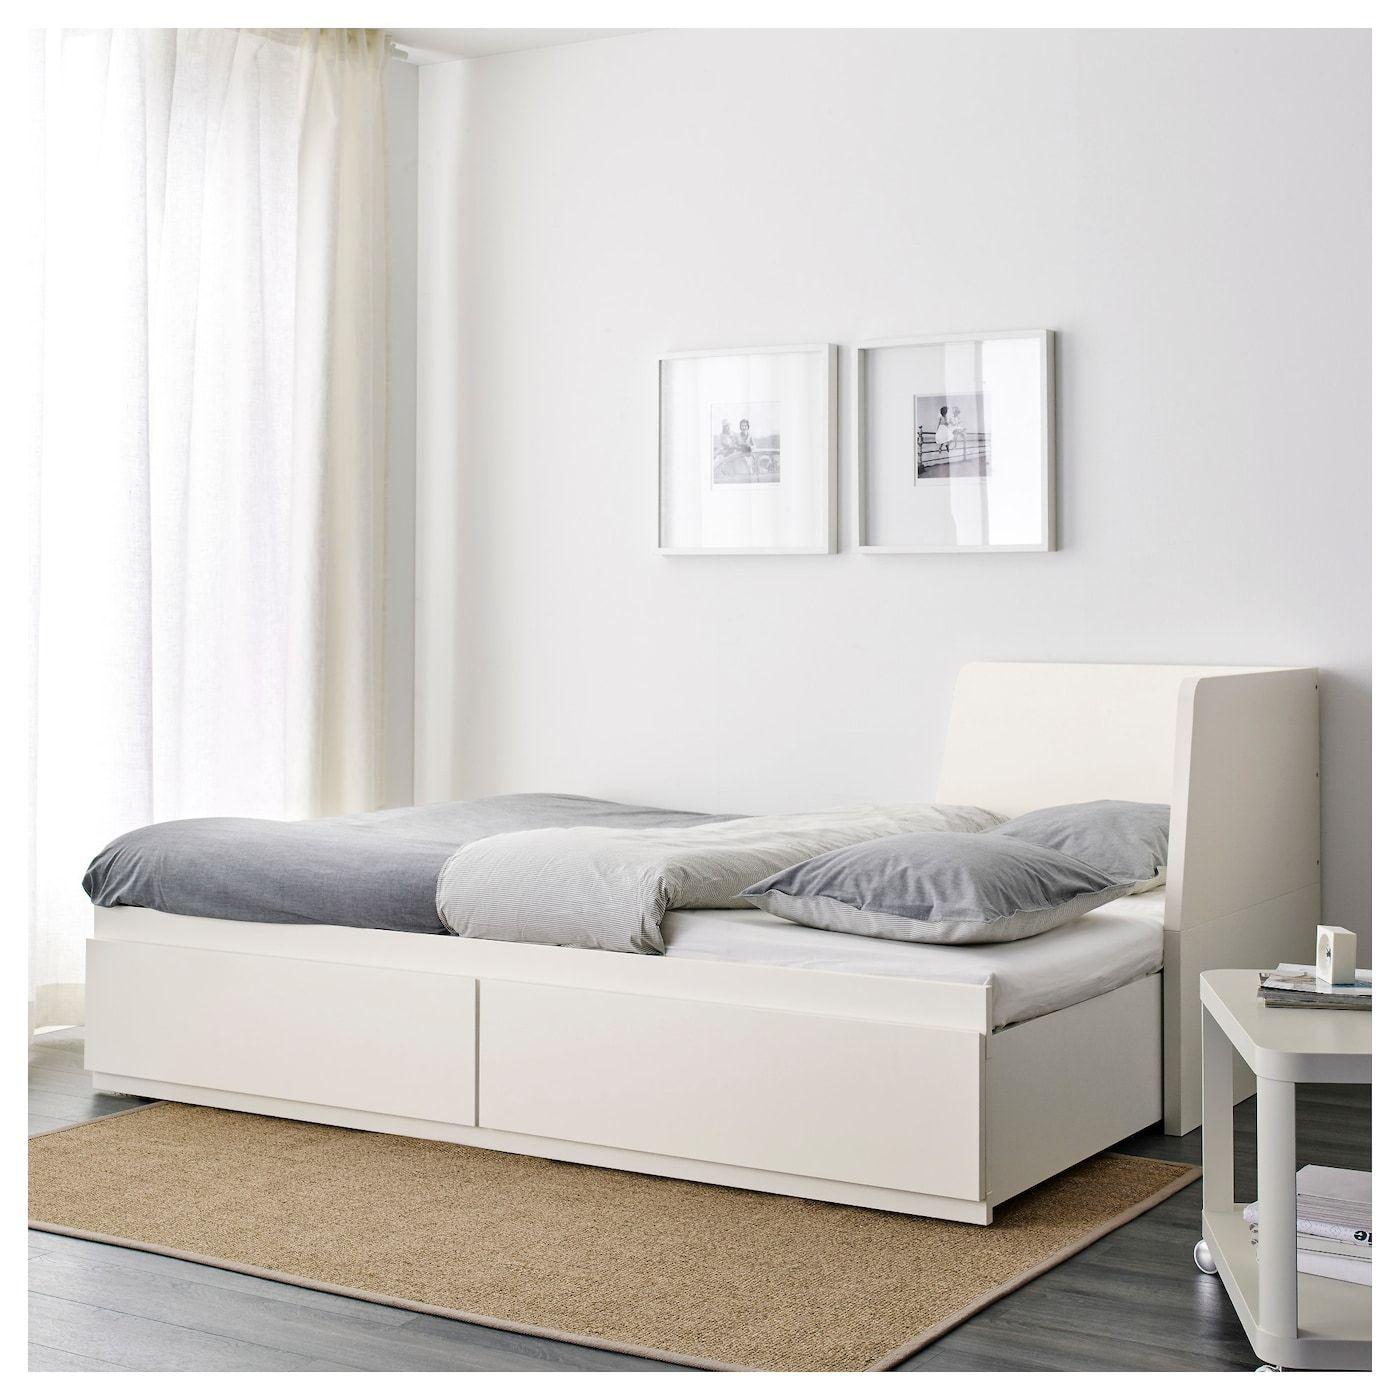 Flekke Tagesbettgestell 2 Schubladen Weiss Ikea Osterreich